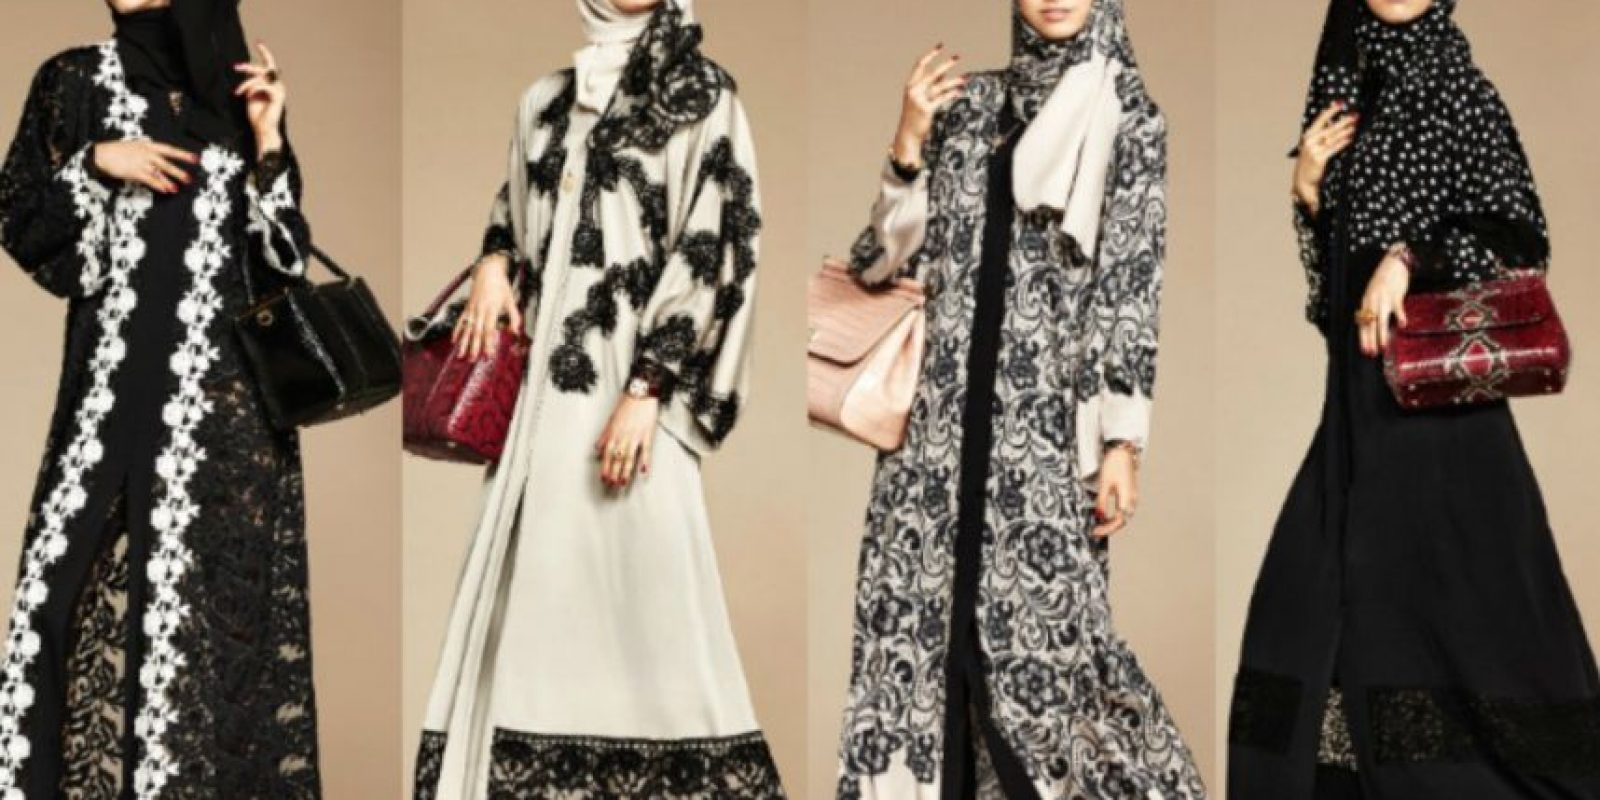 Las musulmanas son las mujeres que representan un mercado poderoso en la moda. Marcas como Dolce & Gabbana pensó en ellas. Foto:vía D y G